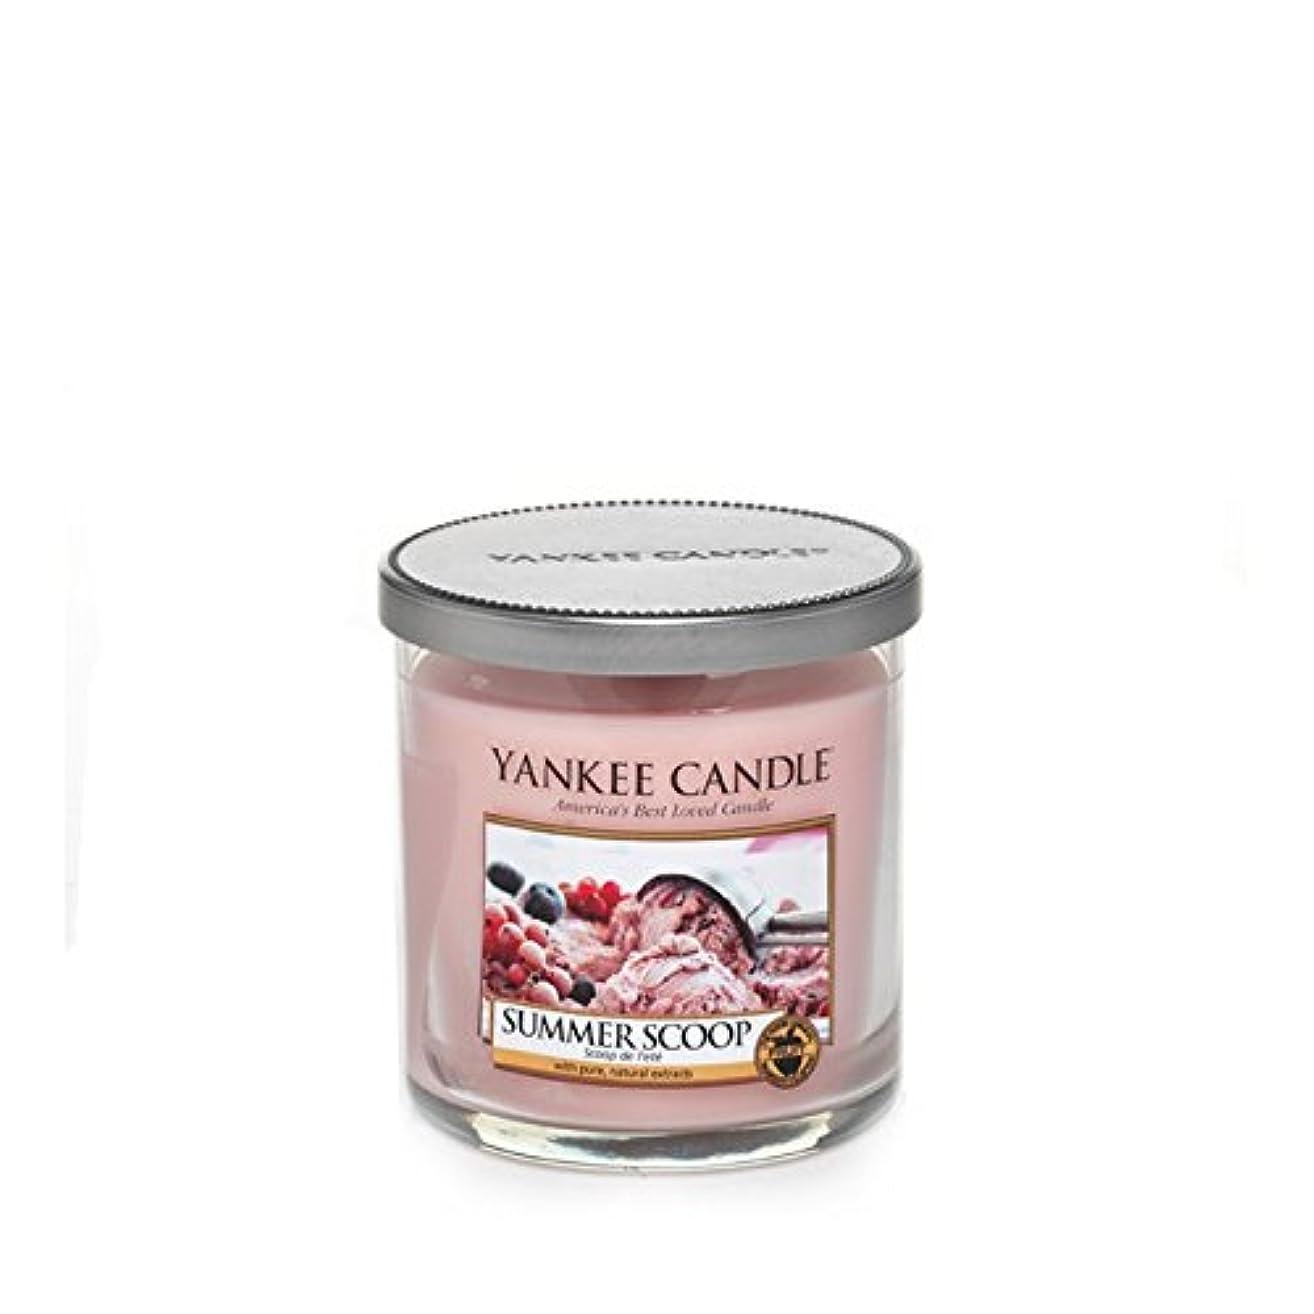 一貫した火炎動くヤンキーキャンドルの小さな柱キャンドル - 夏のスクープ - Yankee Candles Small Pillar Candle - Summer Scoop (Yankee Candles) [並行輸入品]